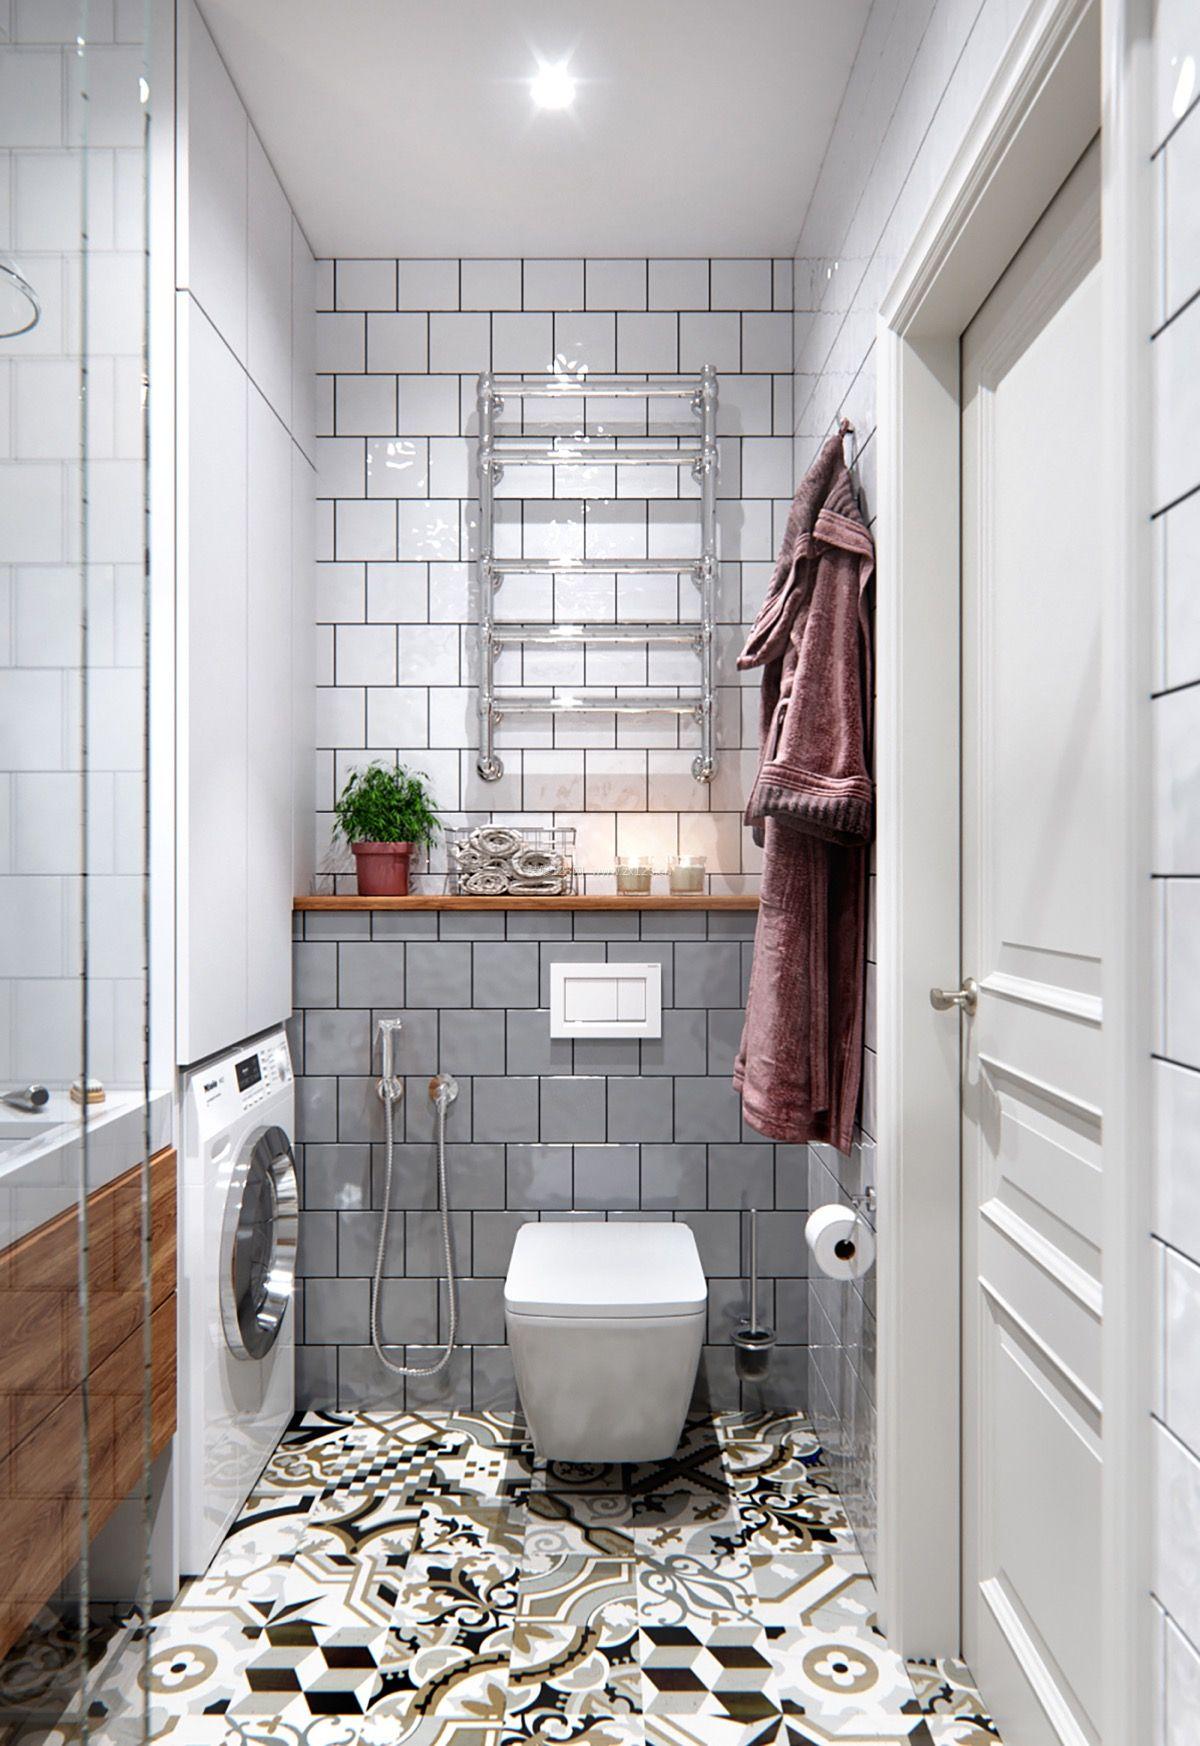 2018北欧卫生间地砖装修效果图片欣赏图片